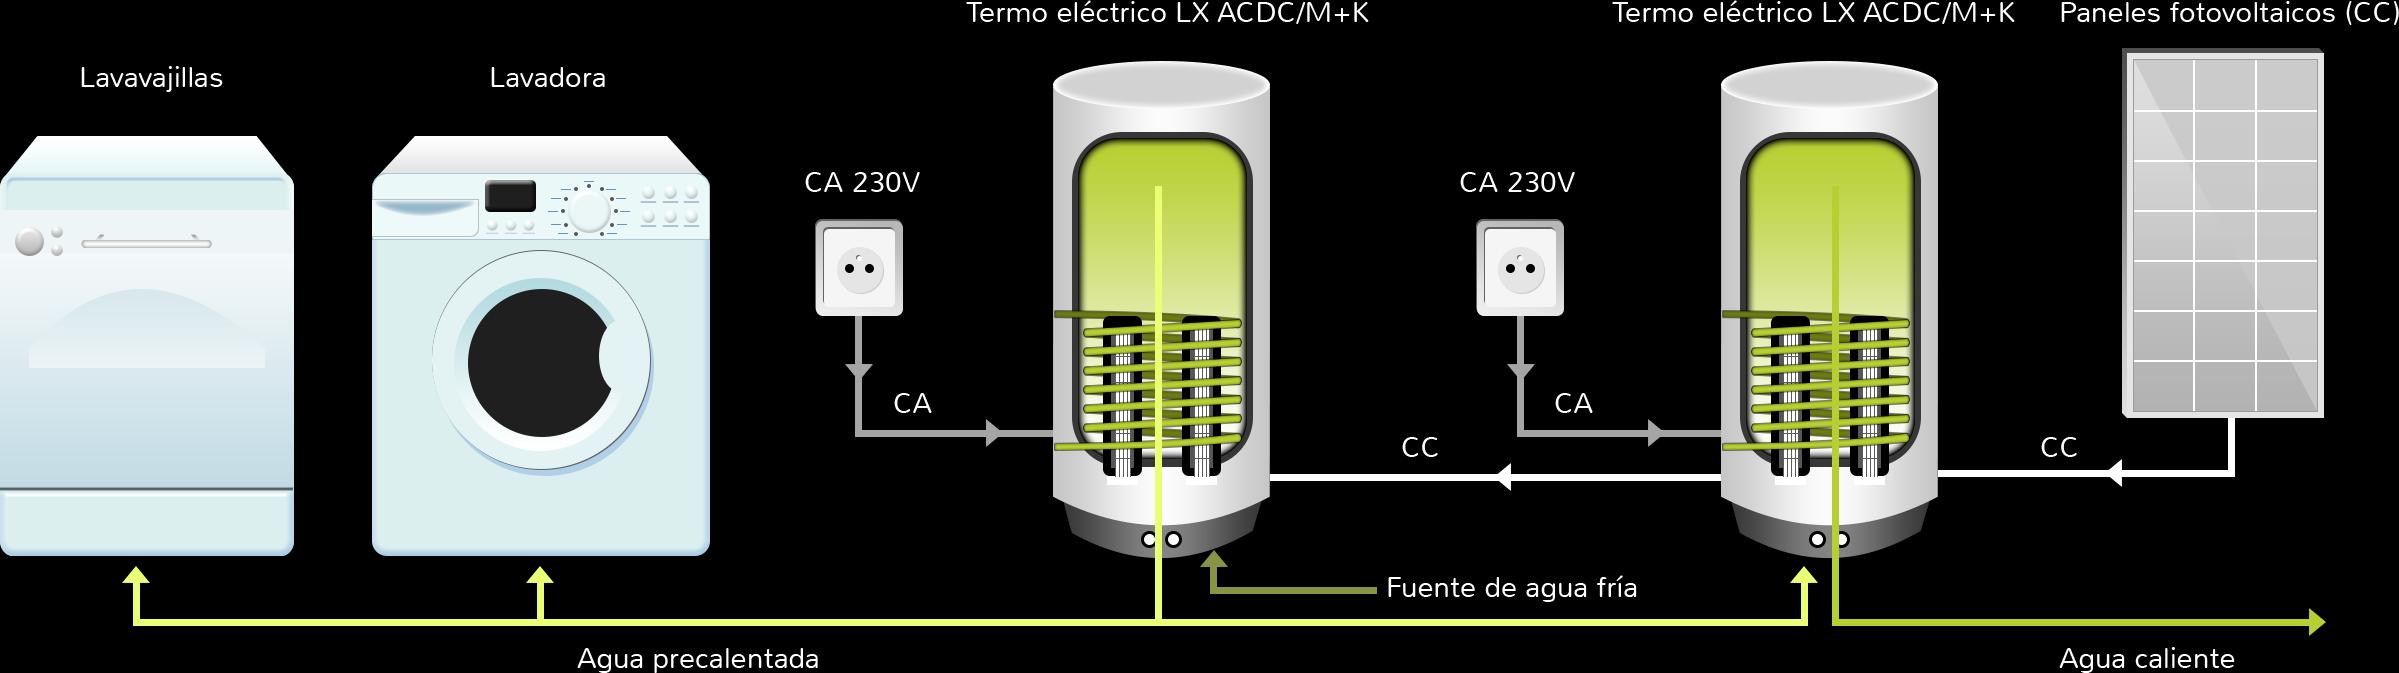 Calentamiento de agua termos el ctricos h bridos - Como instalar termo electrico ...